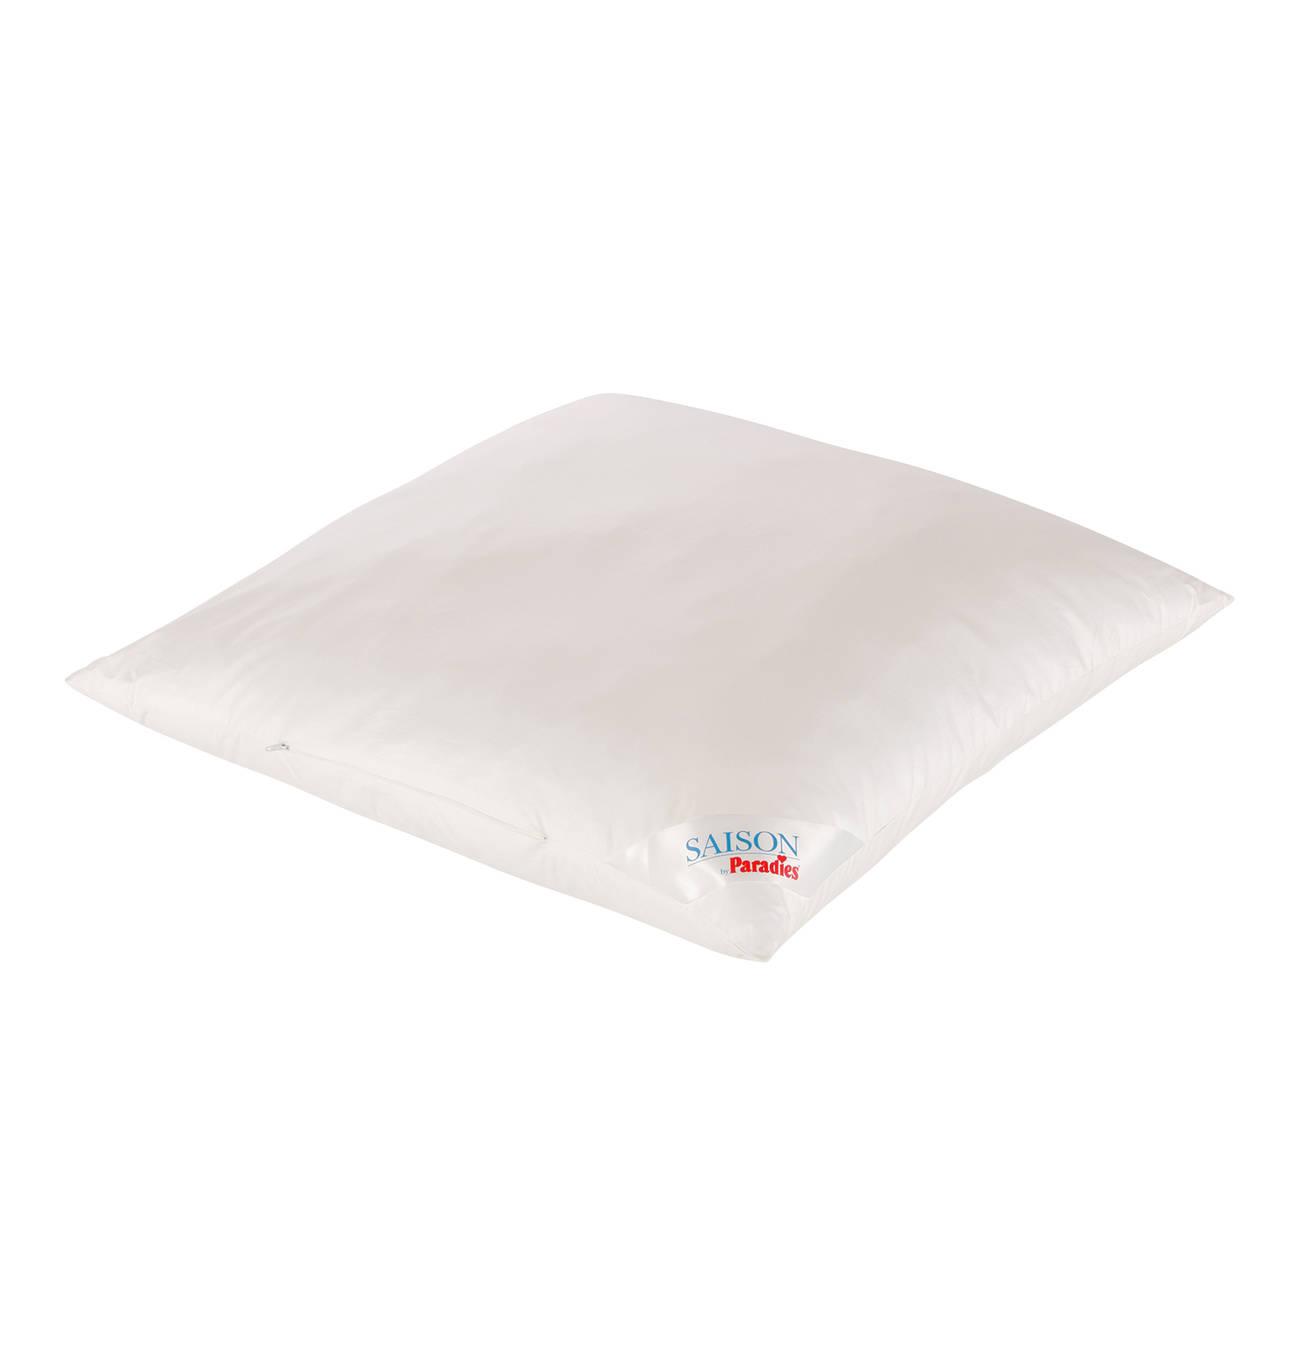 Kopfkissen Softy Cotton 80 X 80 Cm In 2019 Products Kissen